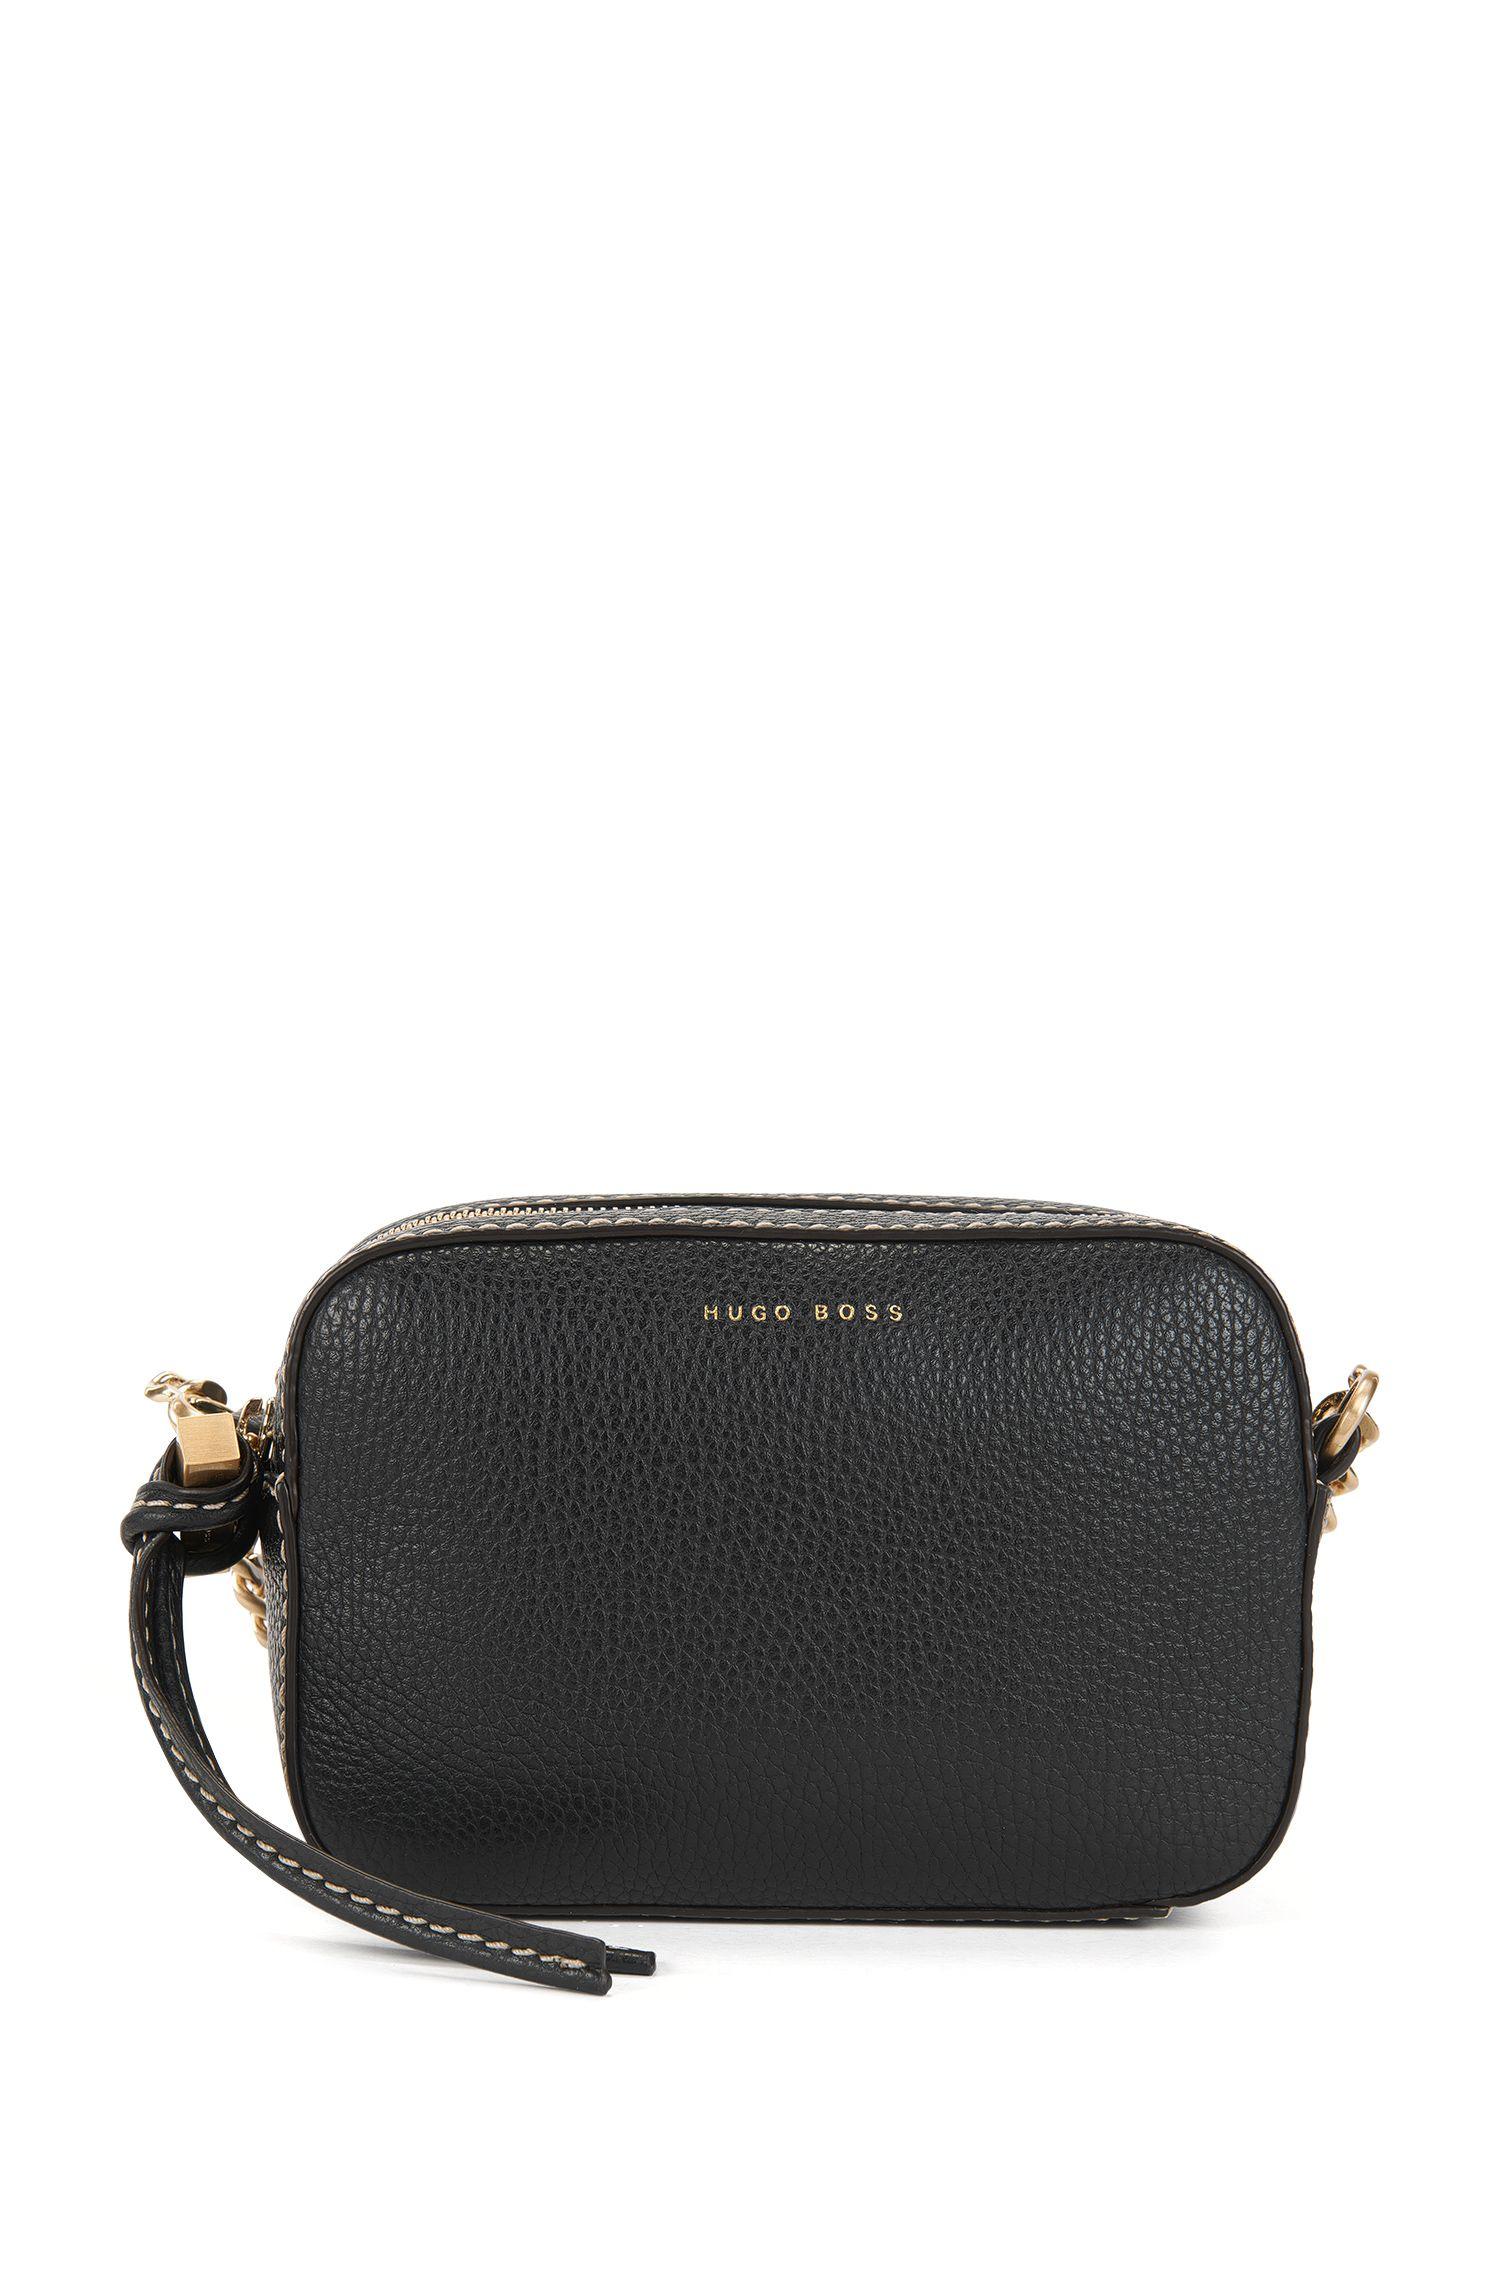 Full-Grain Leather Shoulder Bag | Soft Shoulder Bag